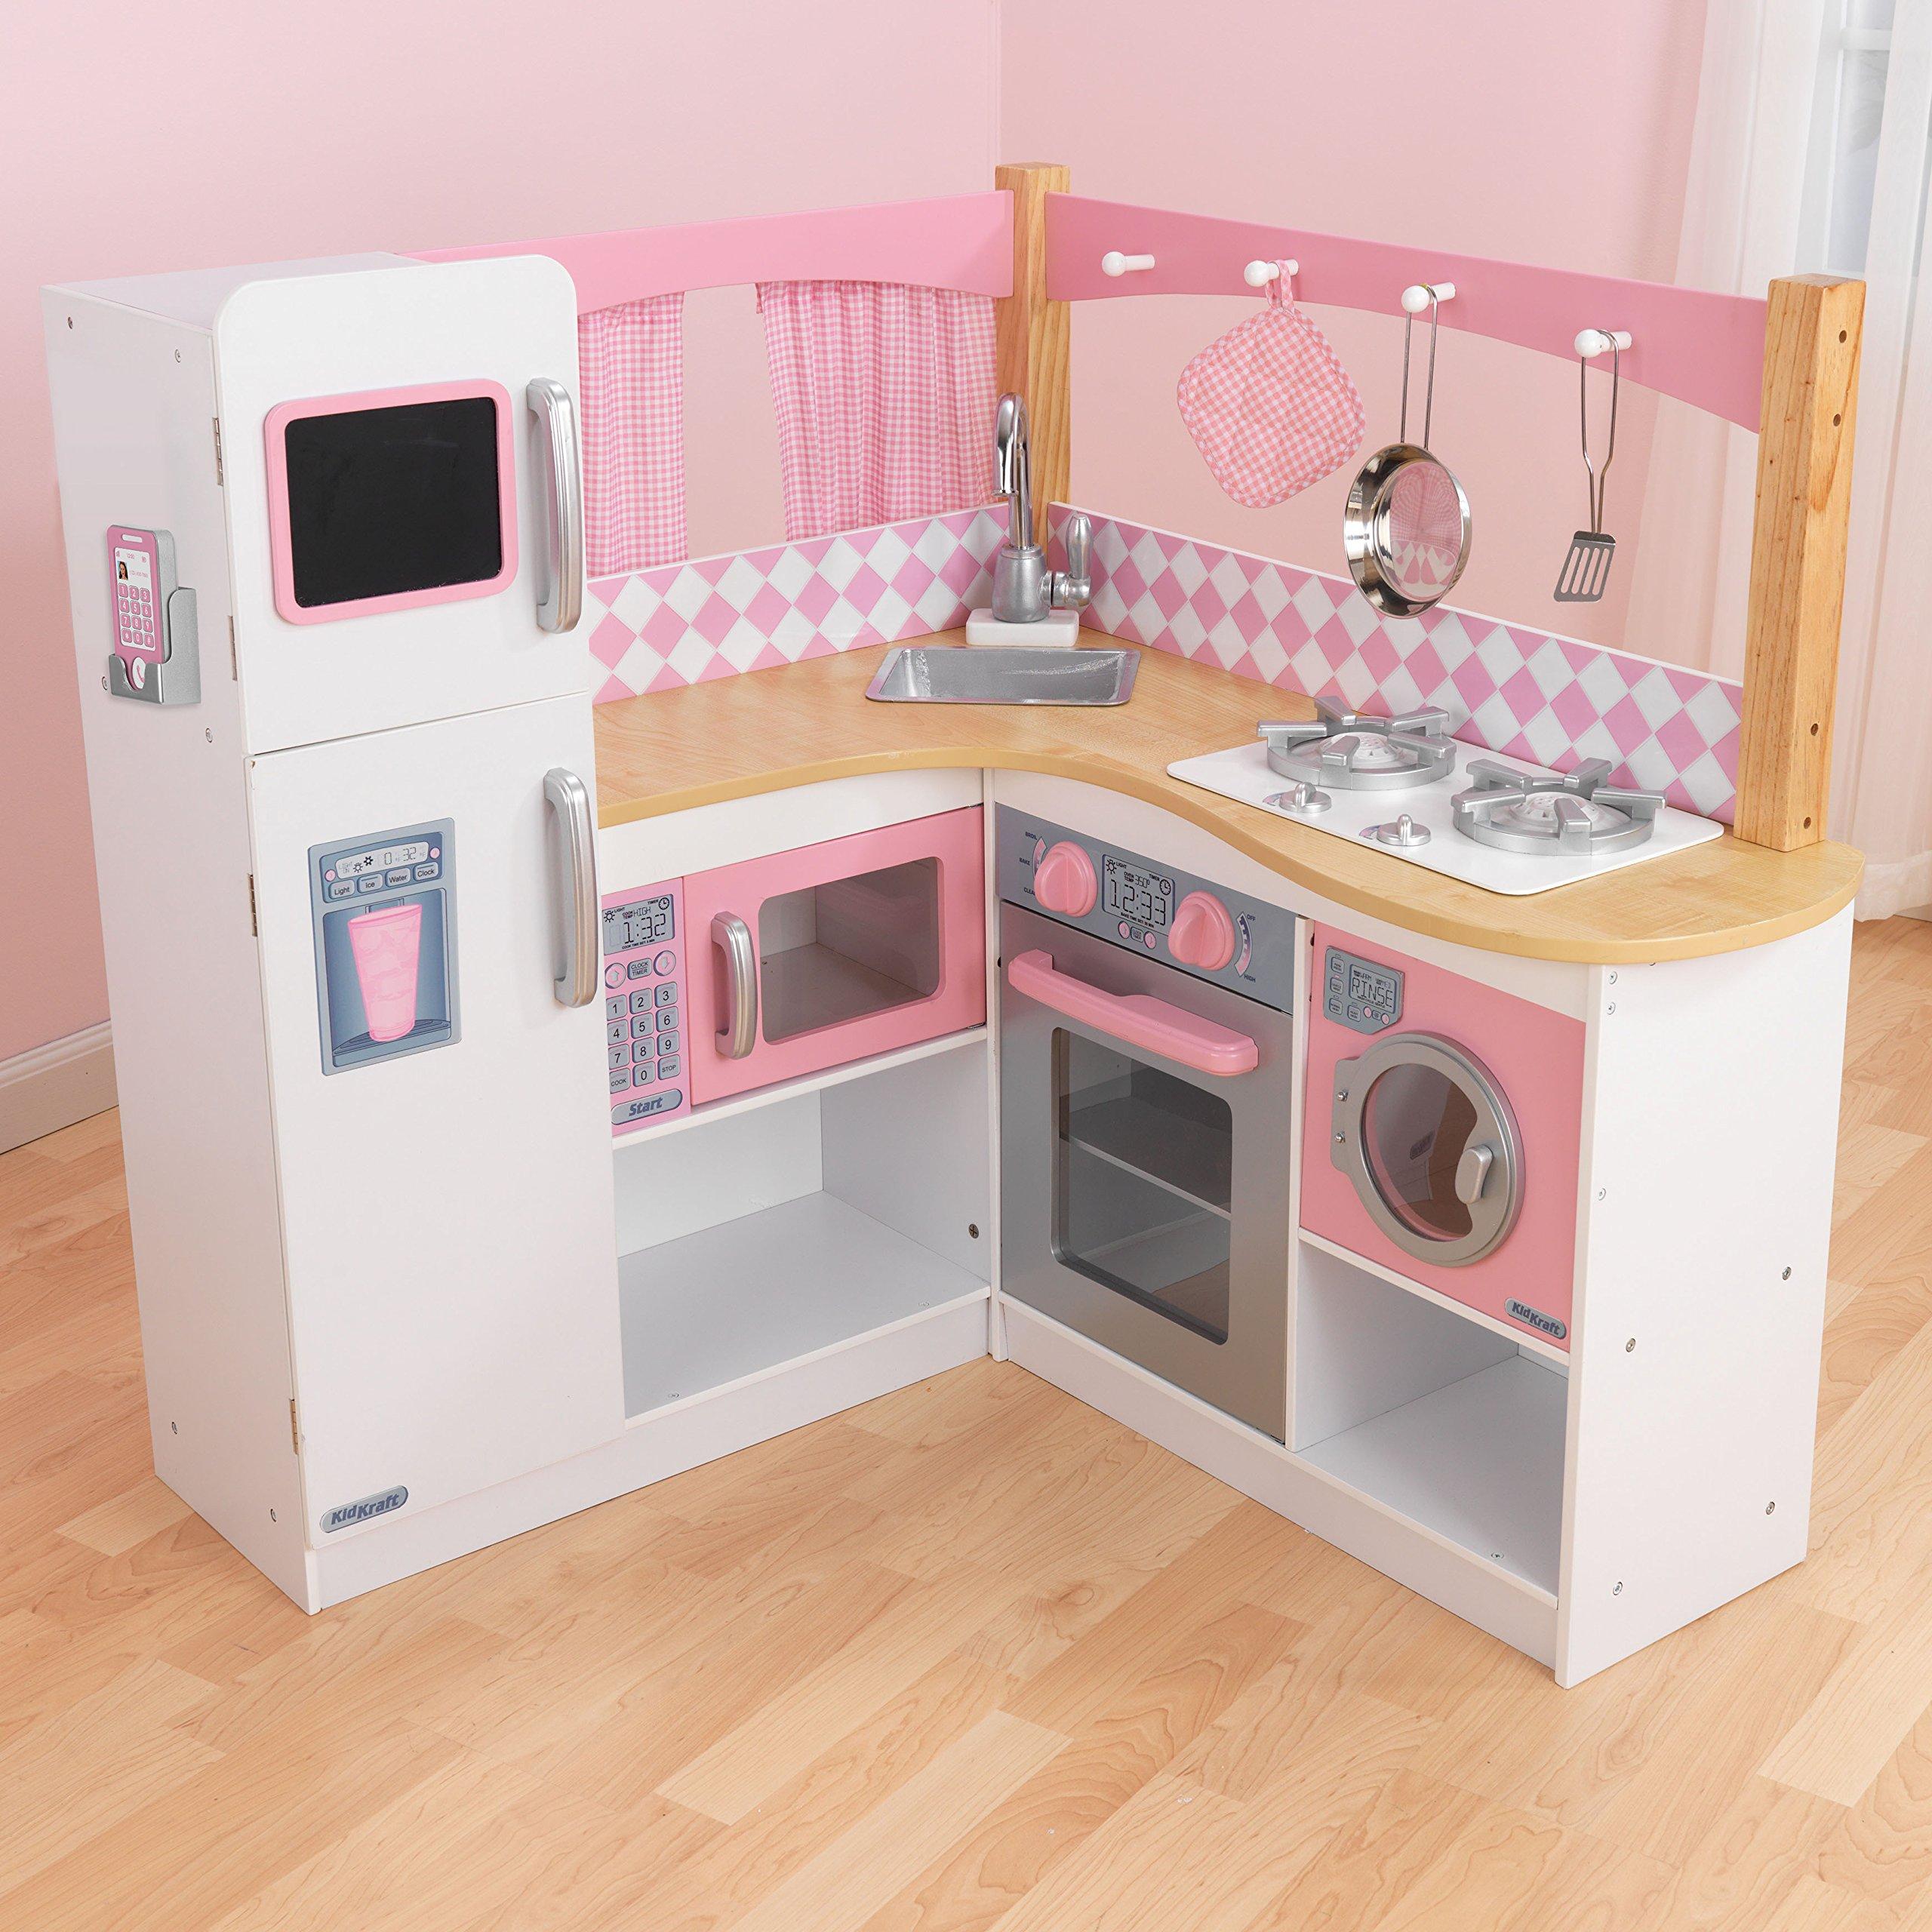 W// Chalkboard Metal Freezer Door KidKraft Corner Kitchen Playset Pink Detailed